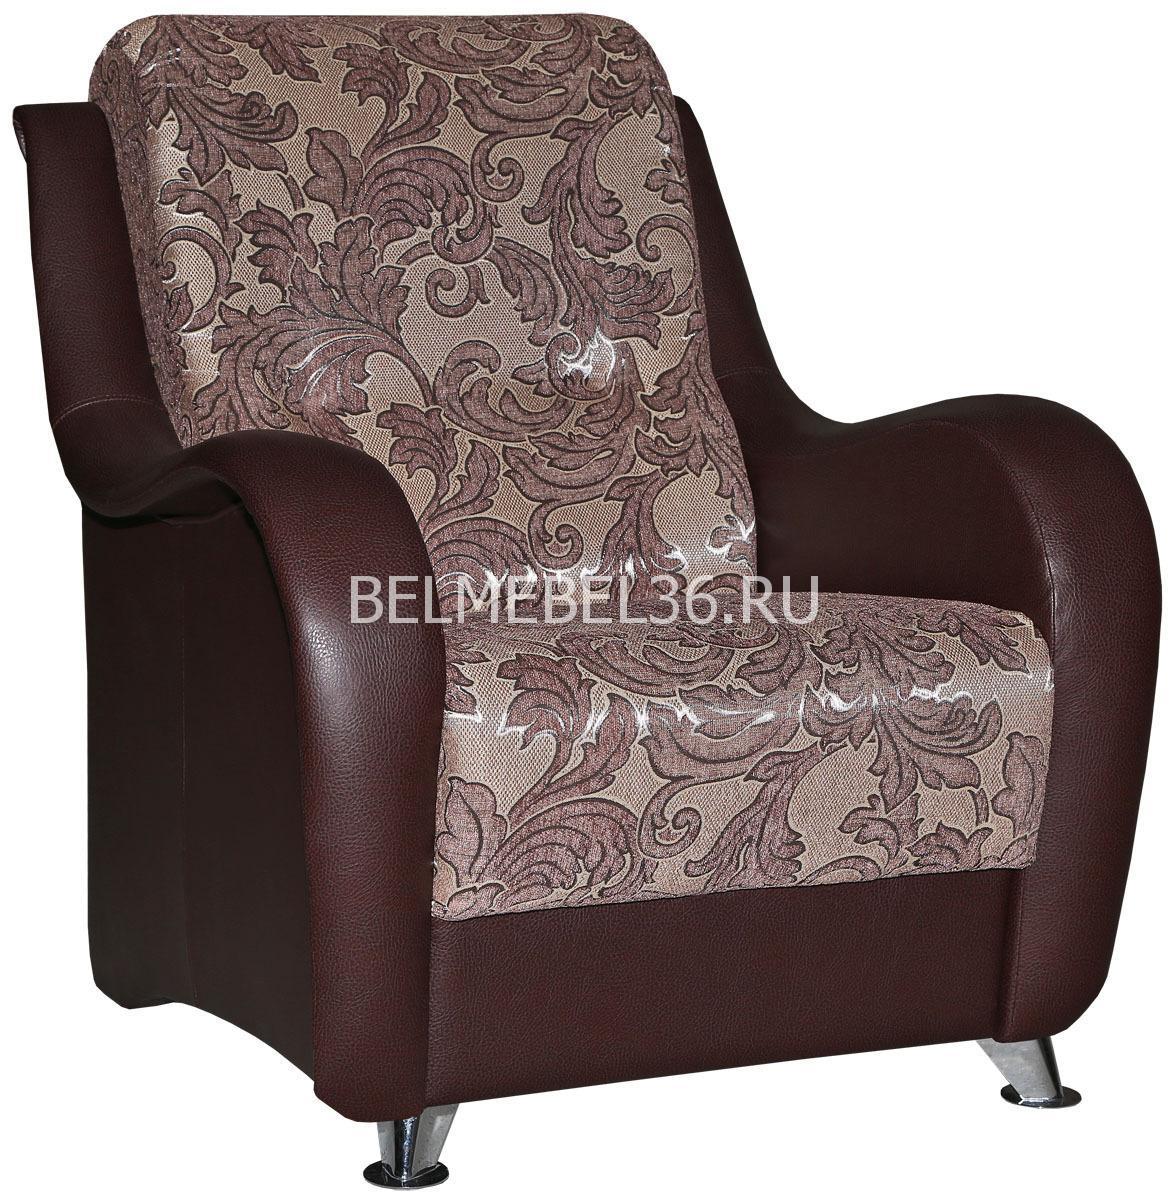 Кресло Аккорд-1 на основе пружинного блока П-Д139 | Белорусская мебель в Воронеже